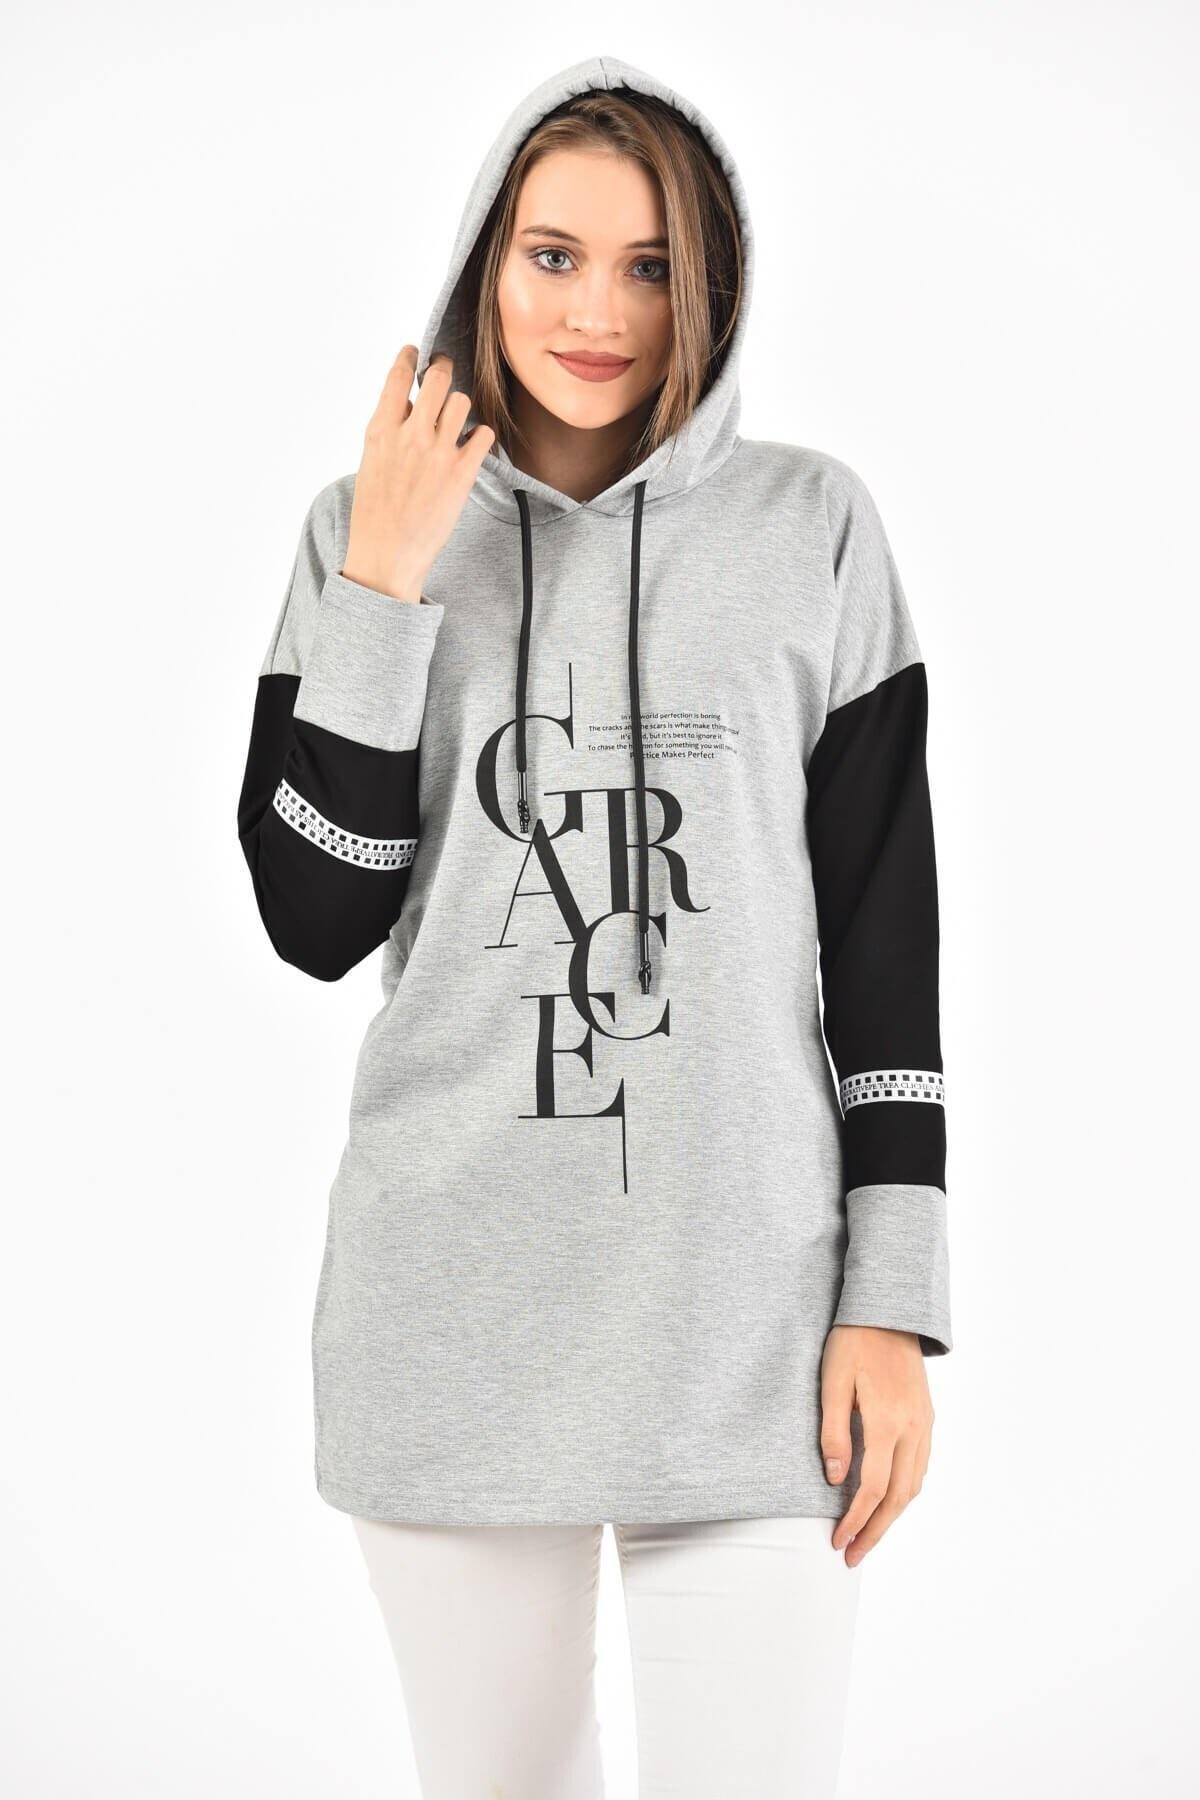 BURRASCA Grace Baskılı Kol Detaylı Kapüşonlu Sweatshirt 1